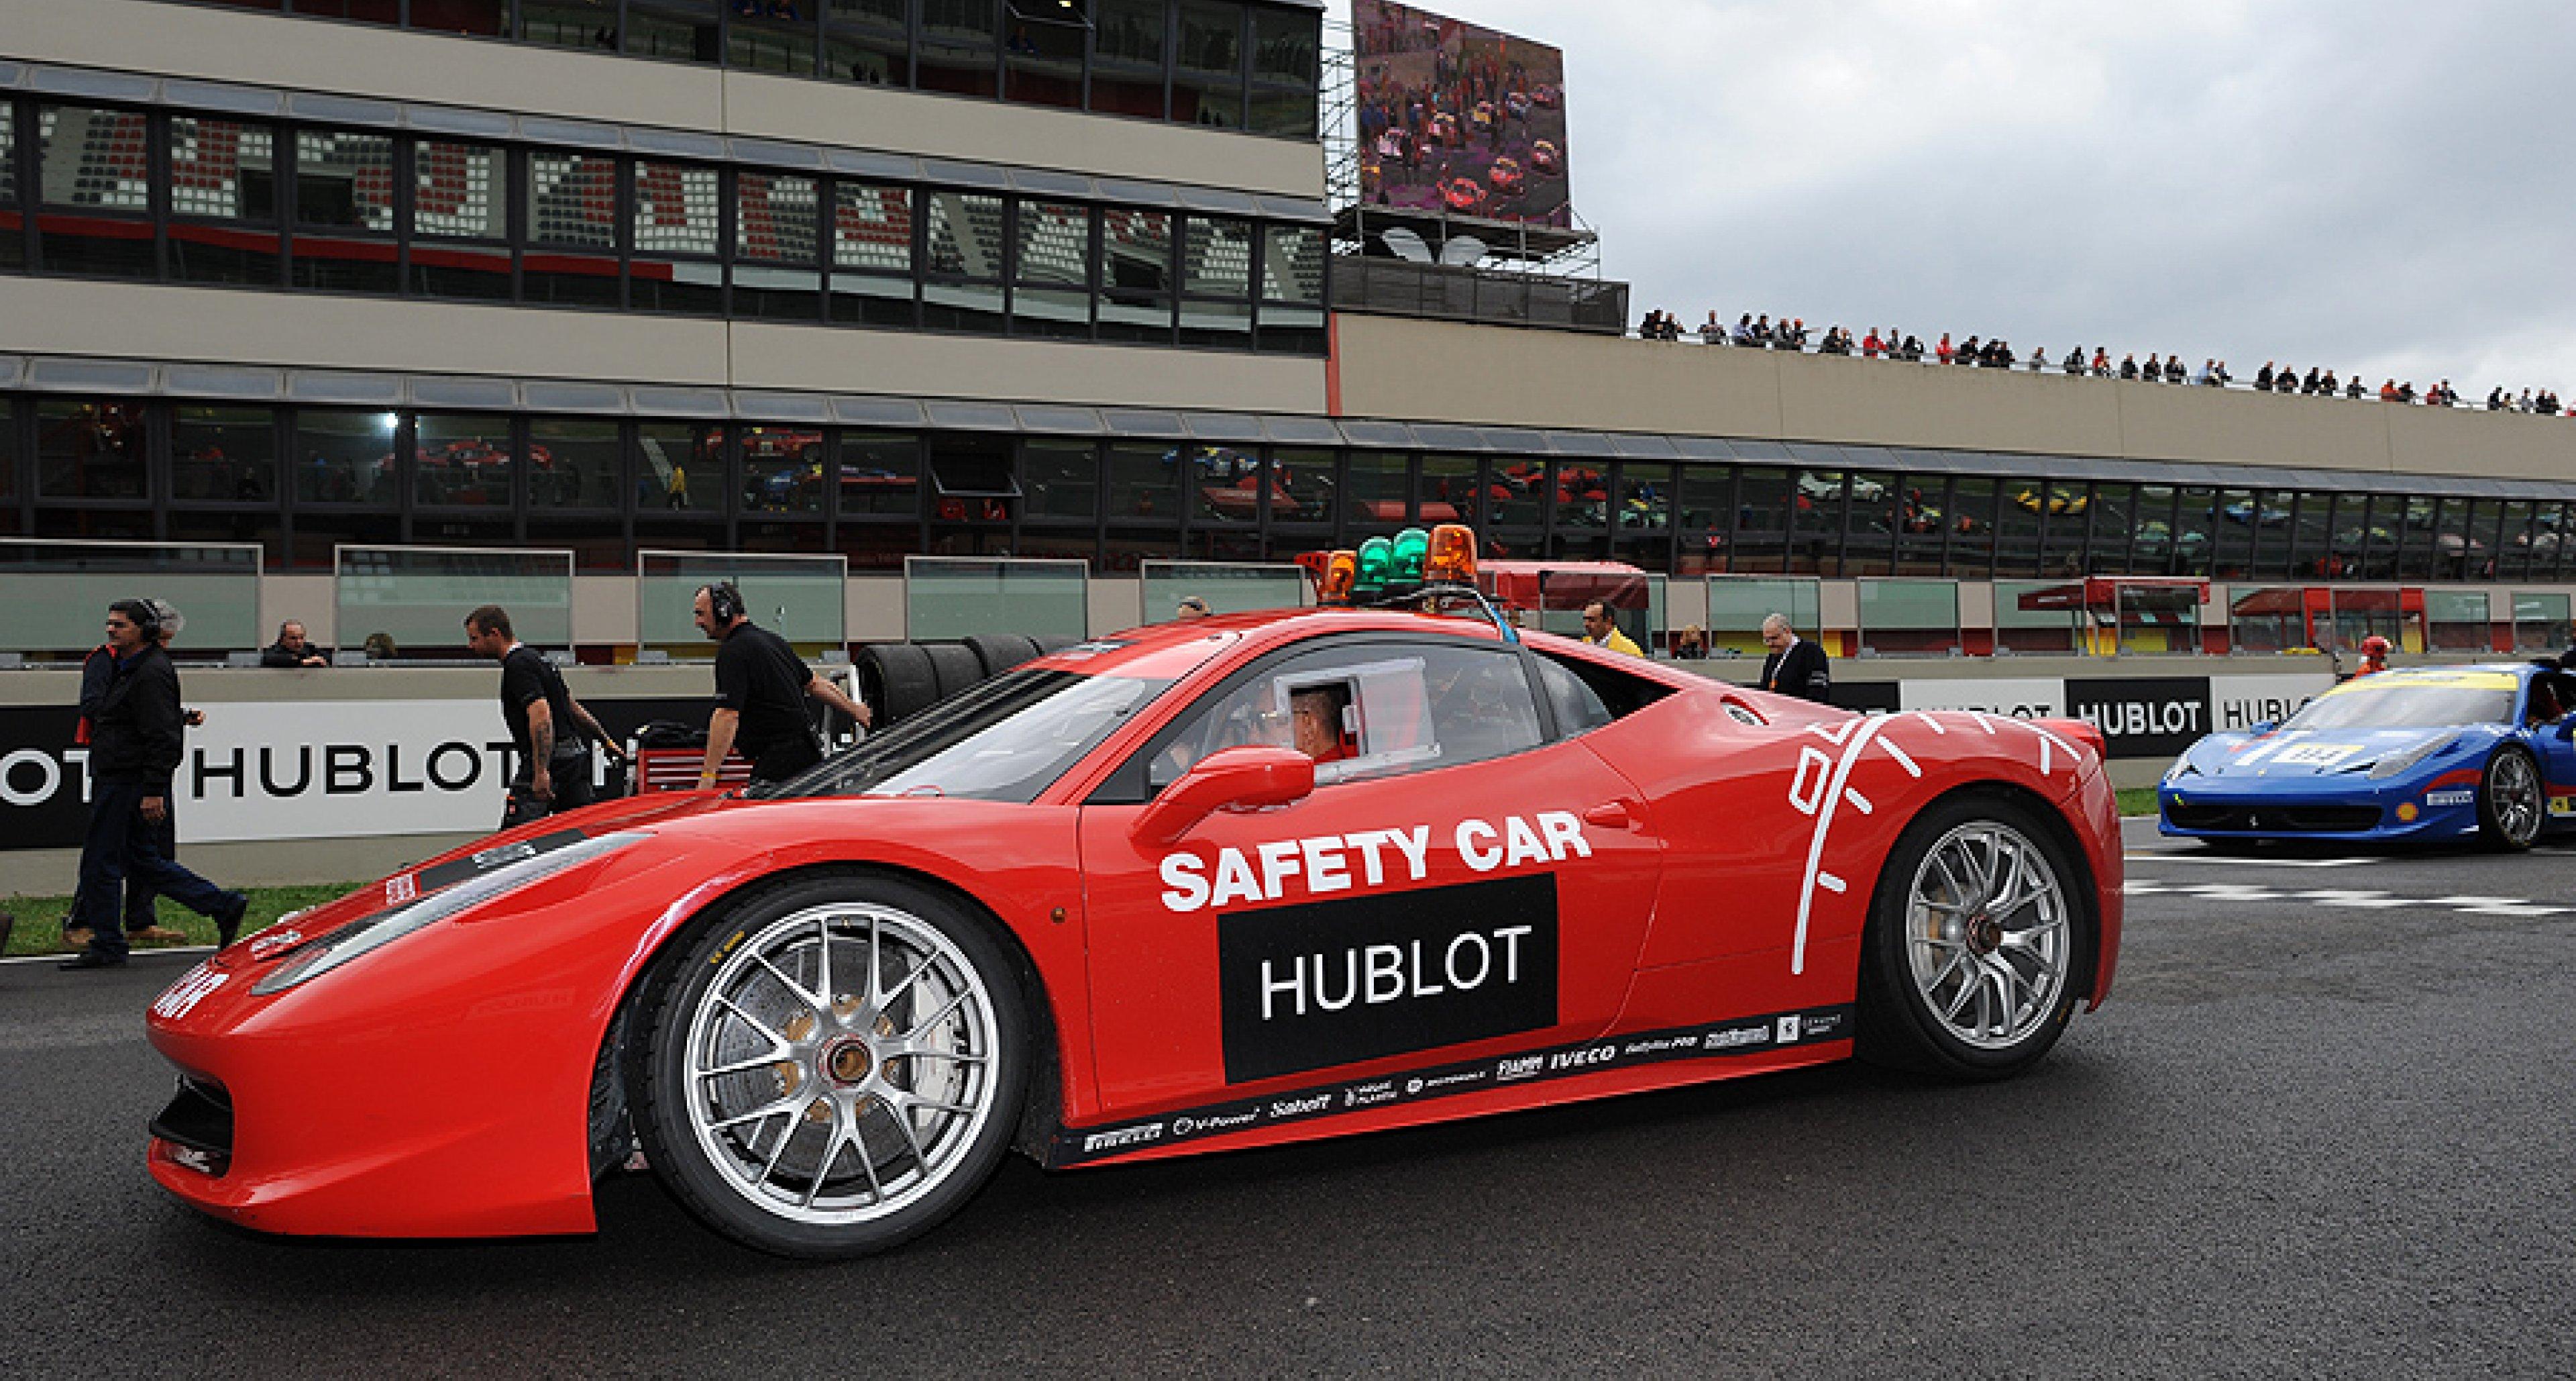 Hublot wird offizieller Uhrenpartner von Ferrari